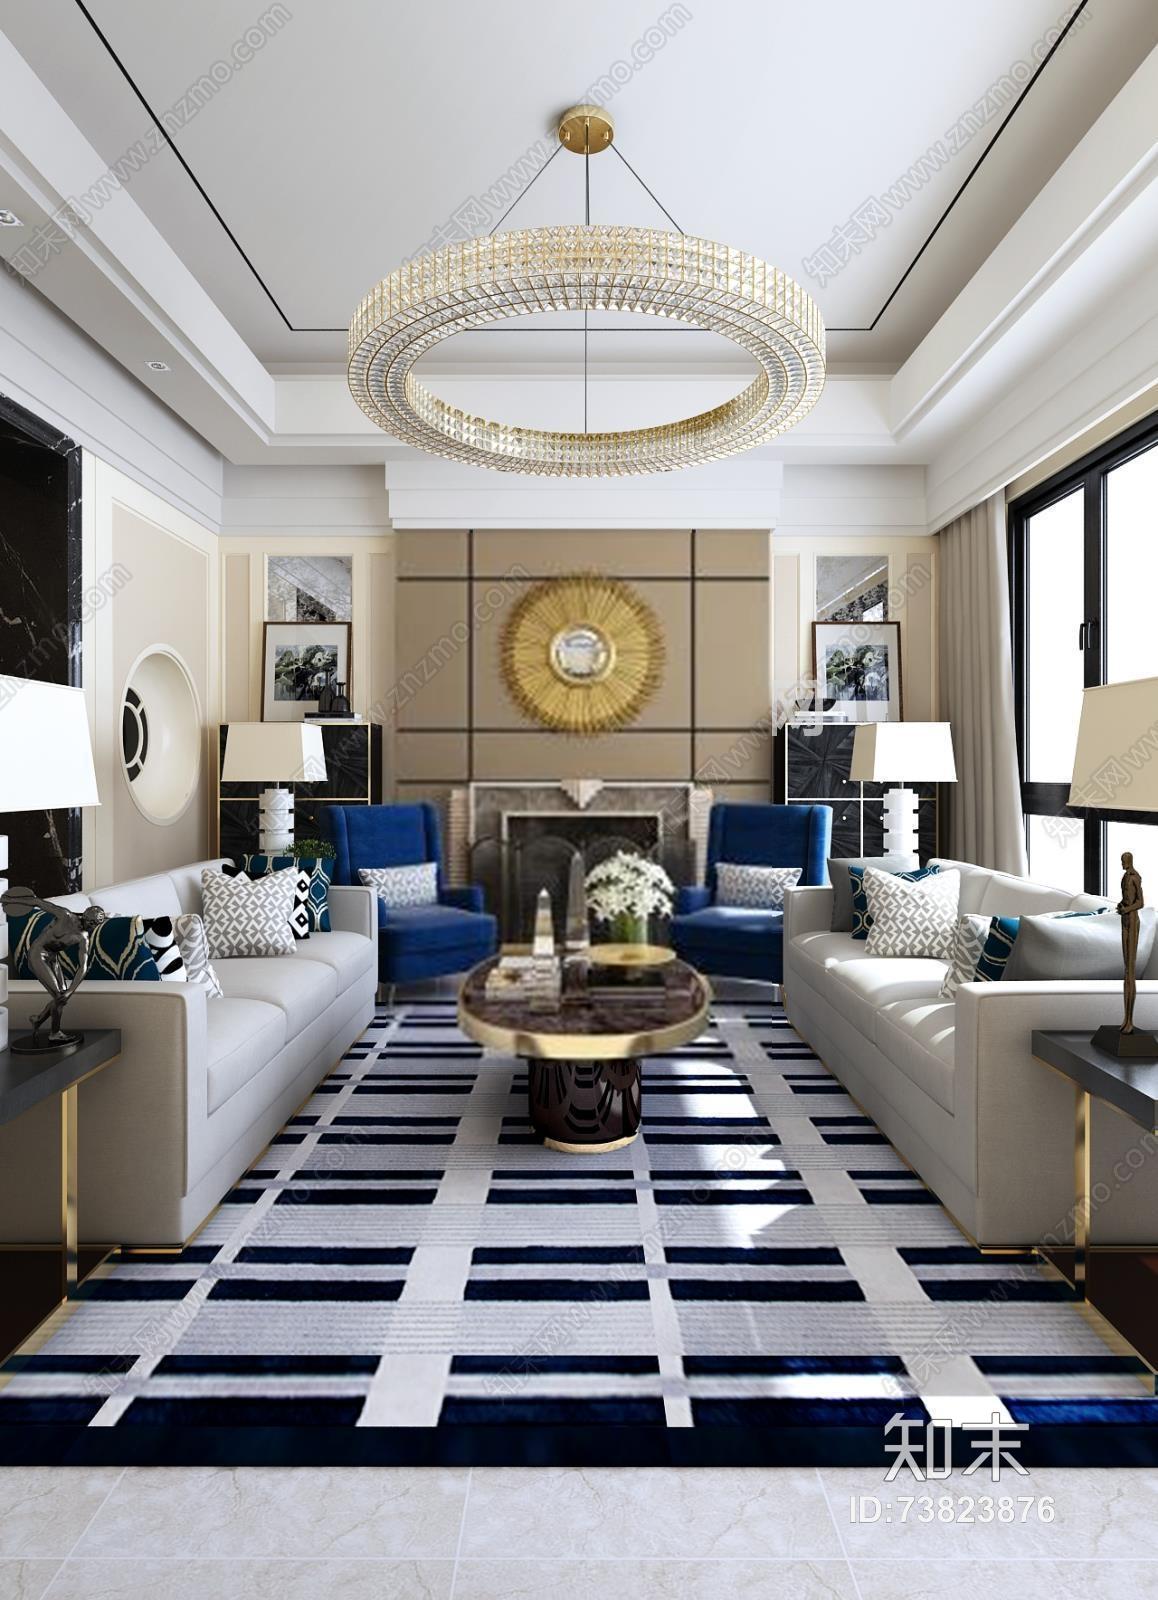 新古典客厅 新古典客厅 沙发 单椅 茶几 角几 吊灯 台灯